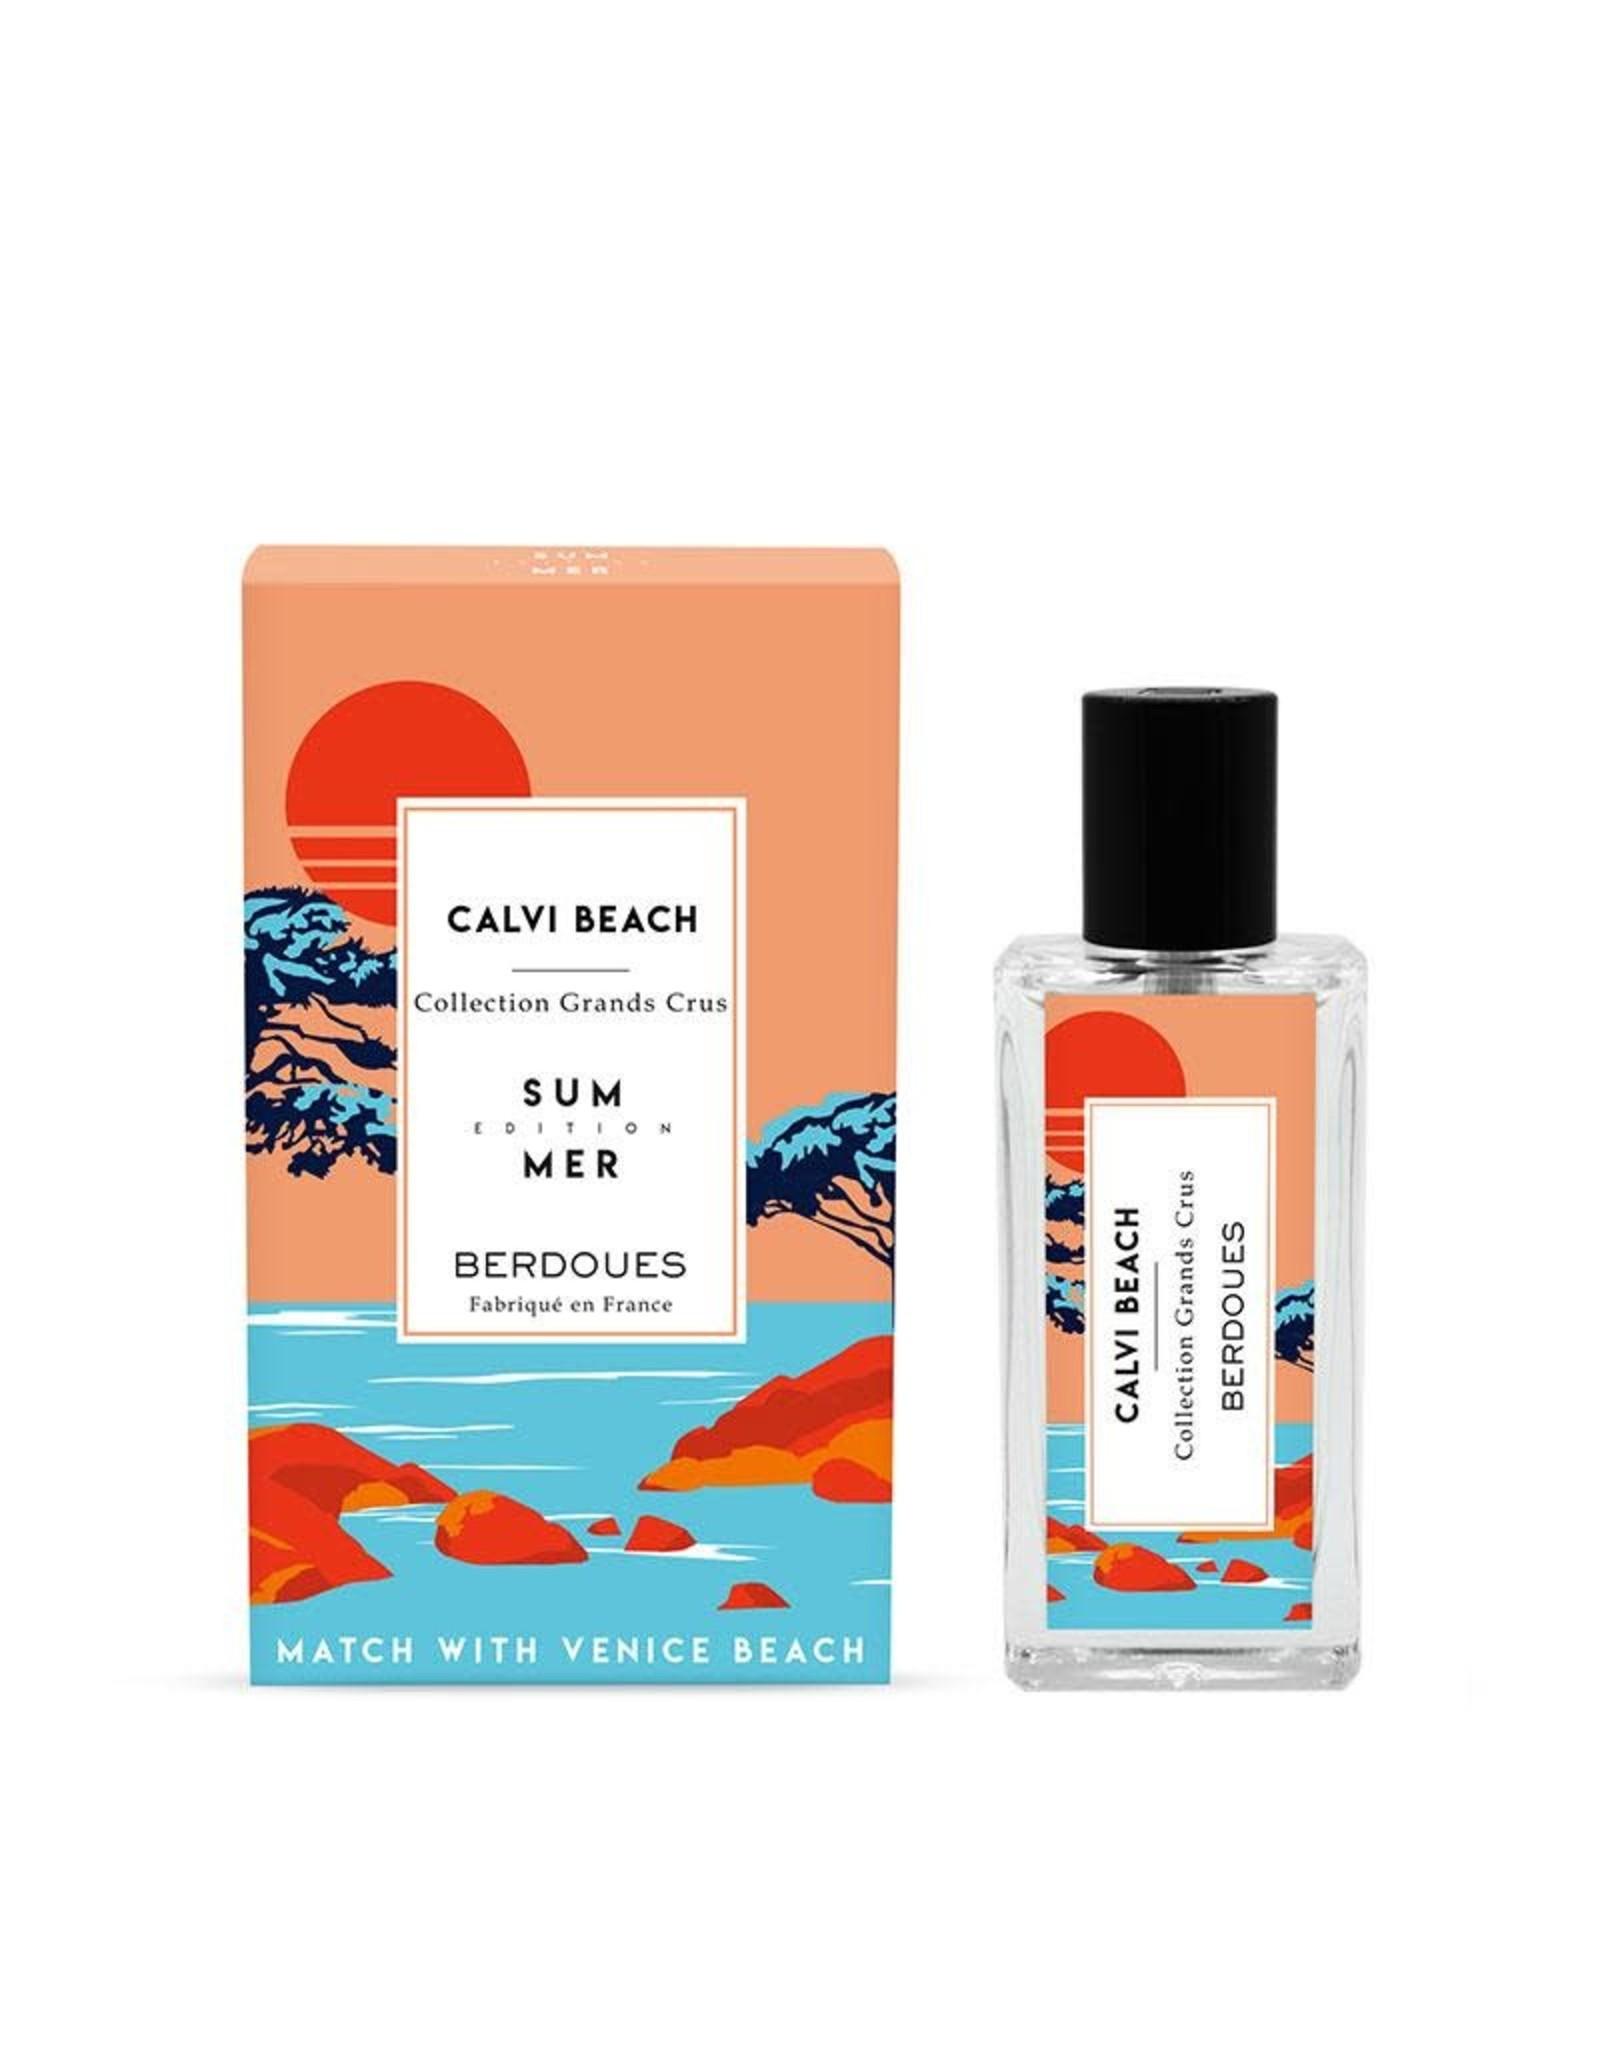 Berdoues Grand Cru - Calvi Beach - Limited Edition